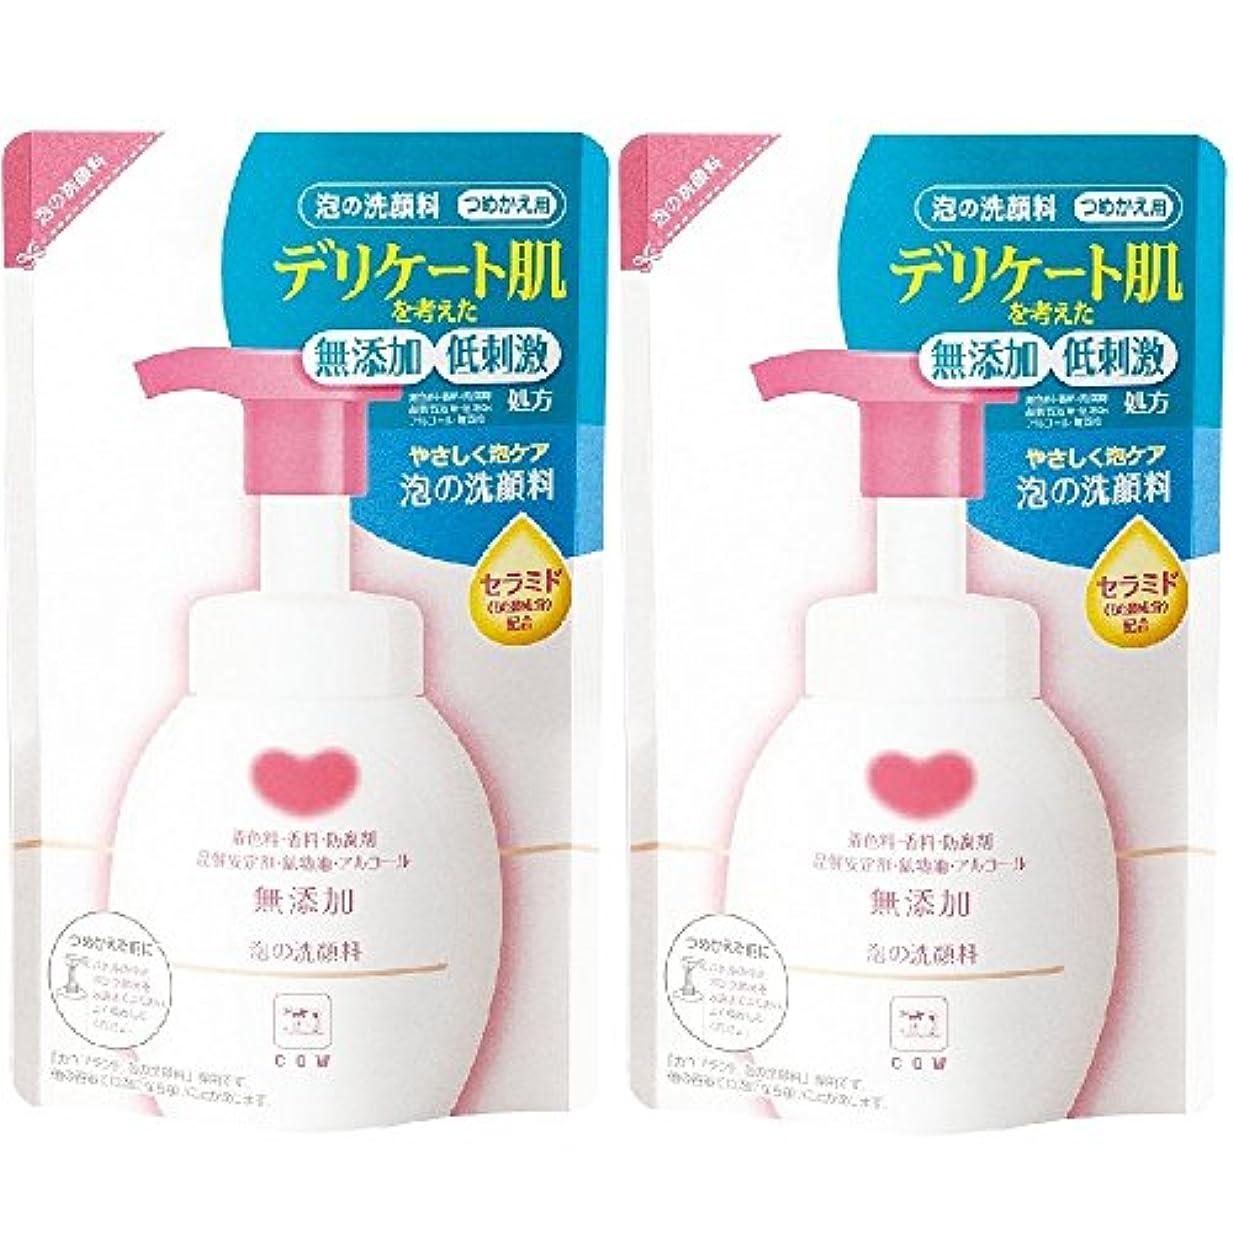 狭い砂助けになるカウブランド 無添加 泡の洗顔料 詰替用 2個組 (180mL×2個)